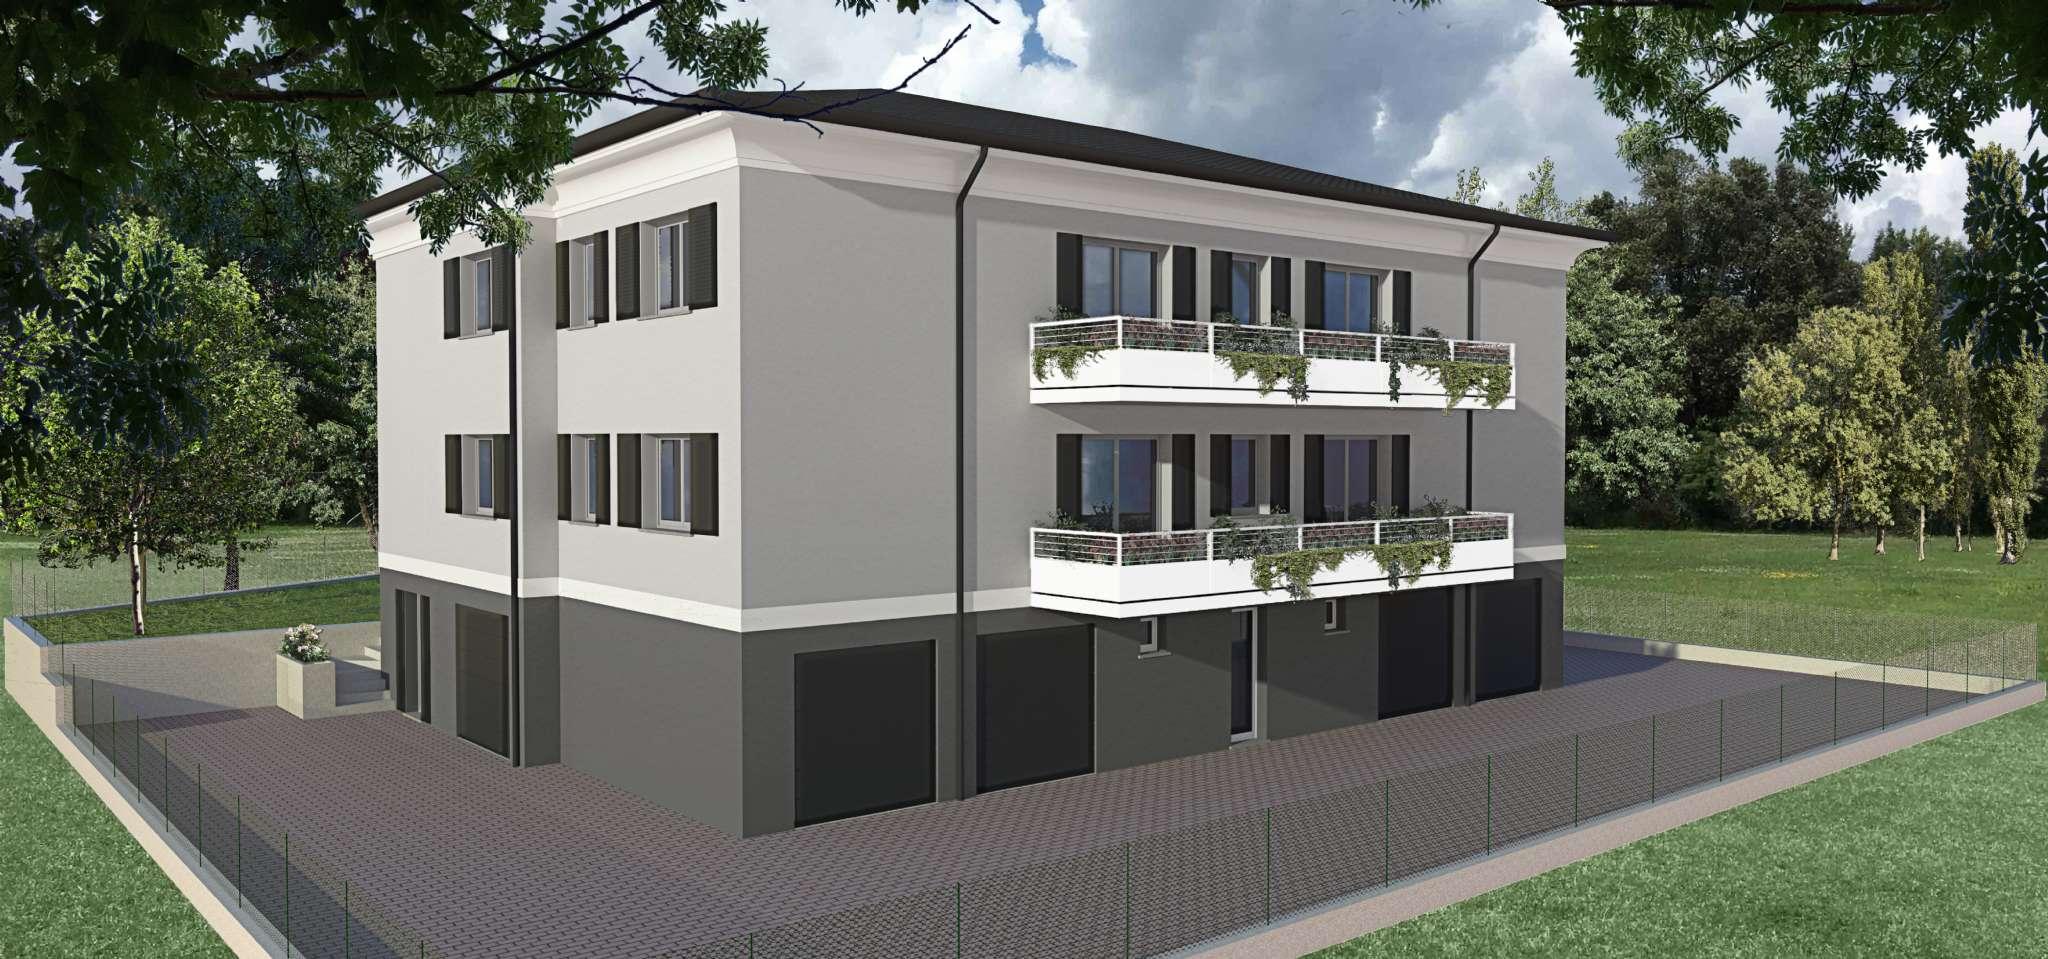 Appartamento in vendita a Varano de' Melegari, 4 locali, prezzo € 240.000 | PortaleAgenzieImmobiliari.it